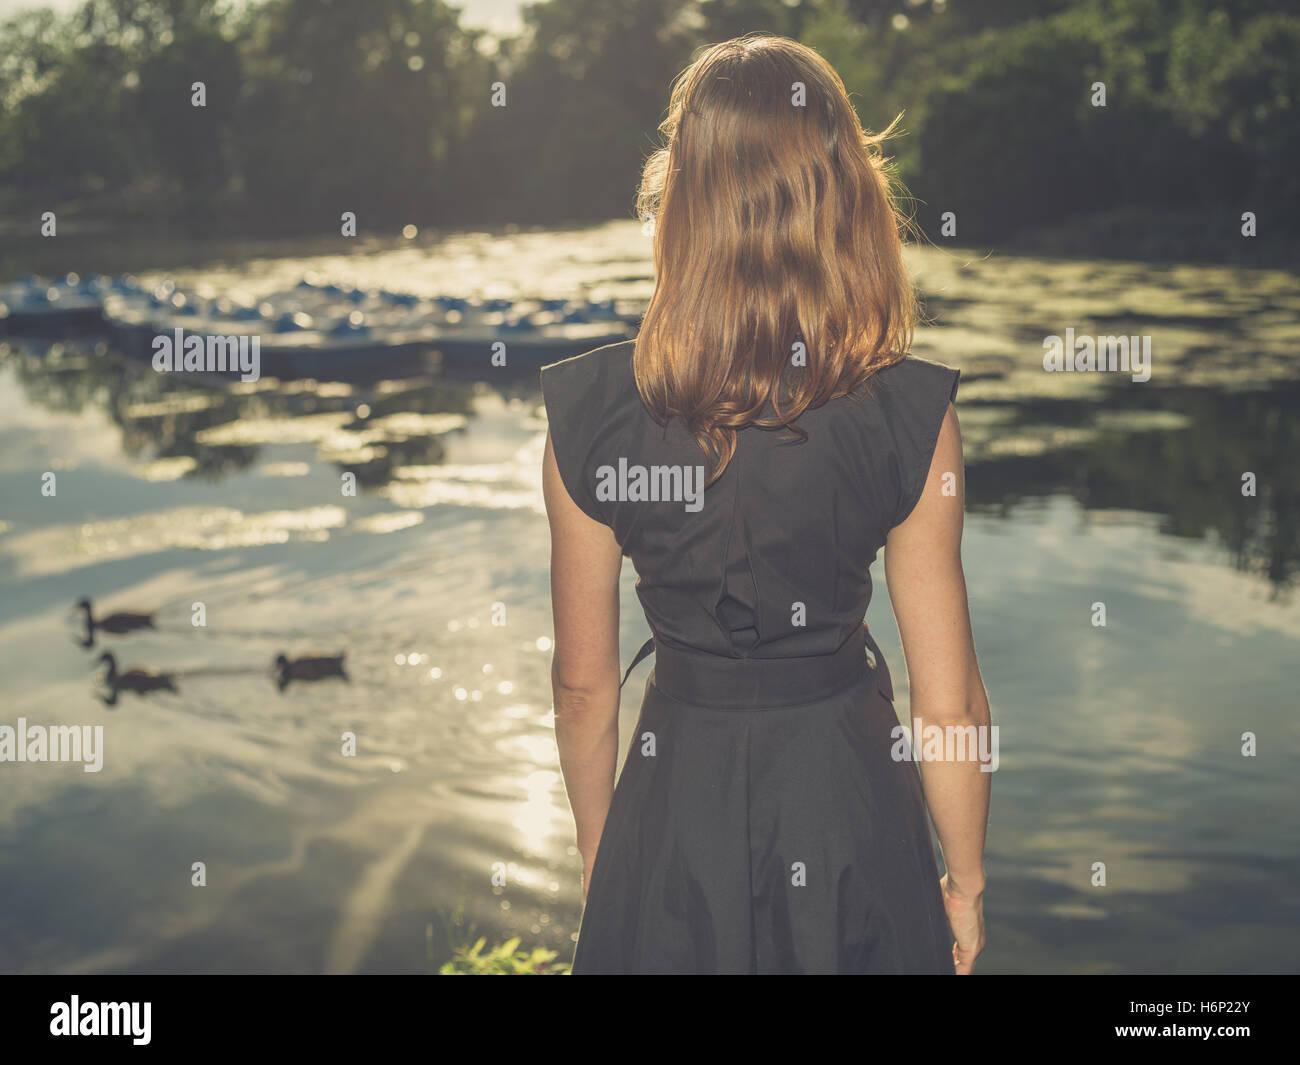 Vintage filtran foto de un elegante joven de pie junto a un lago en un parque al atardecer Imagen De Stock